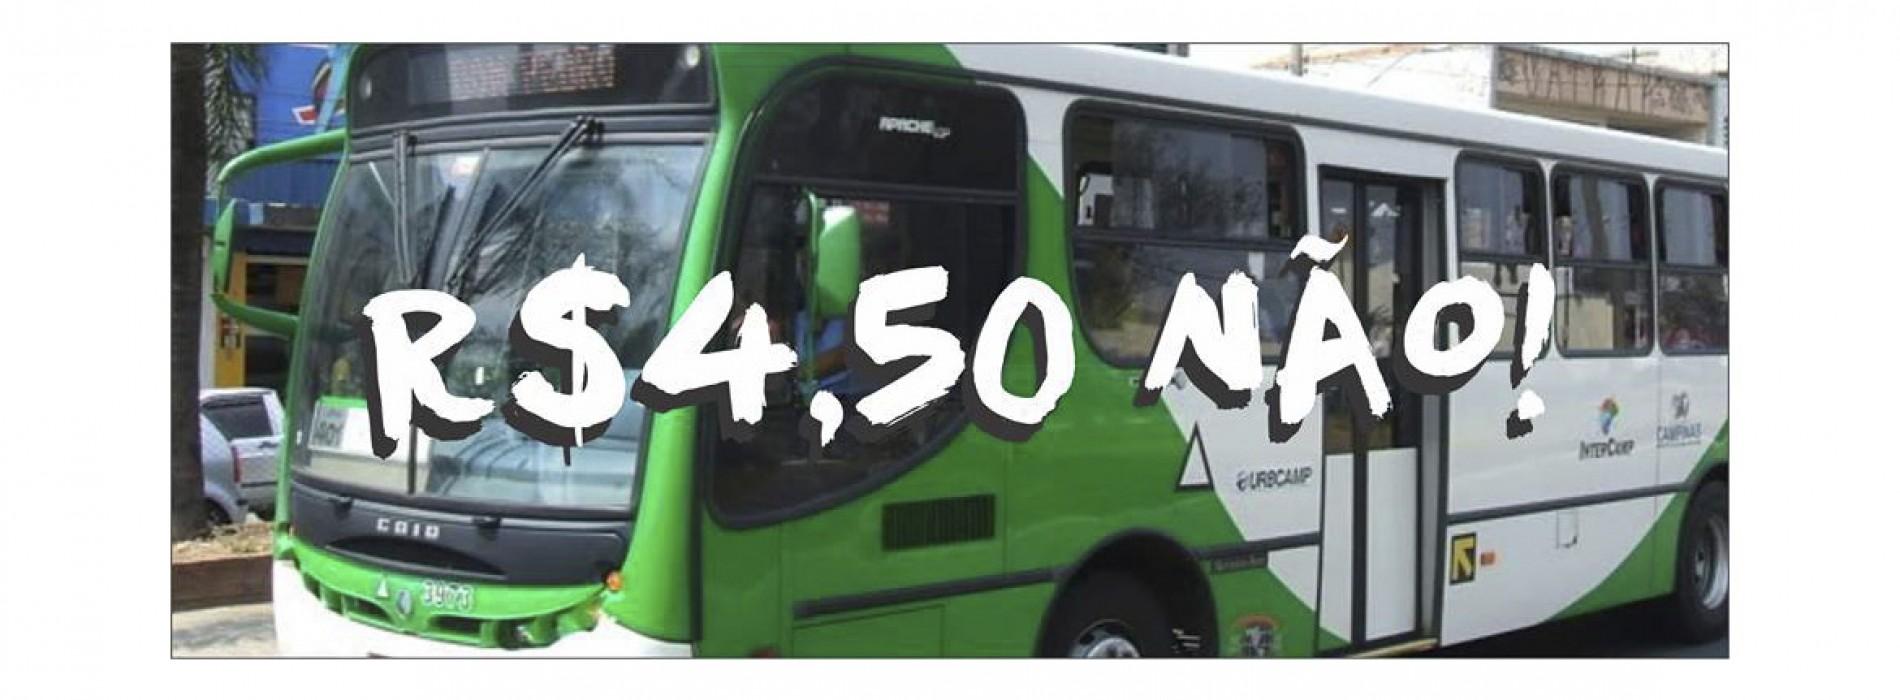 """Ato contra aumento da passagem de ônibus: """"R$ 4,50 Não Dá!"""